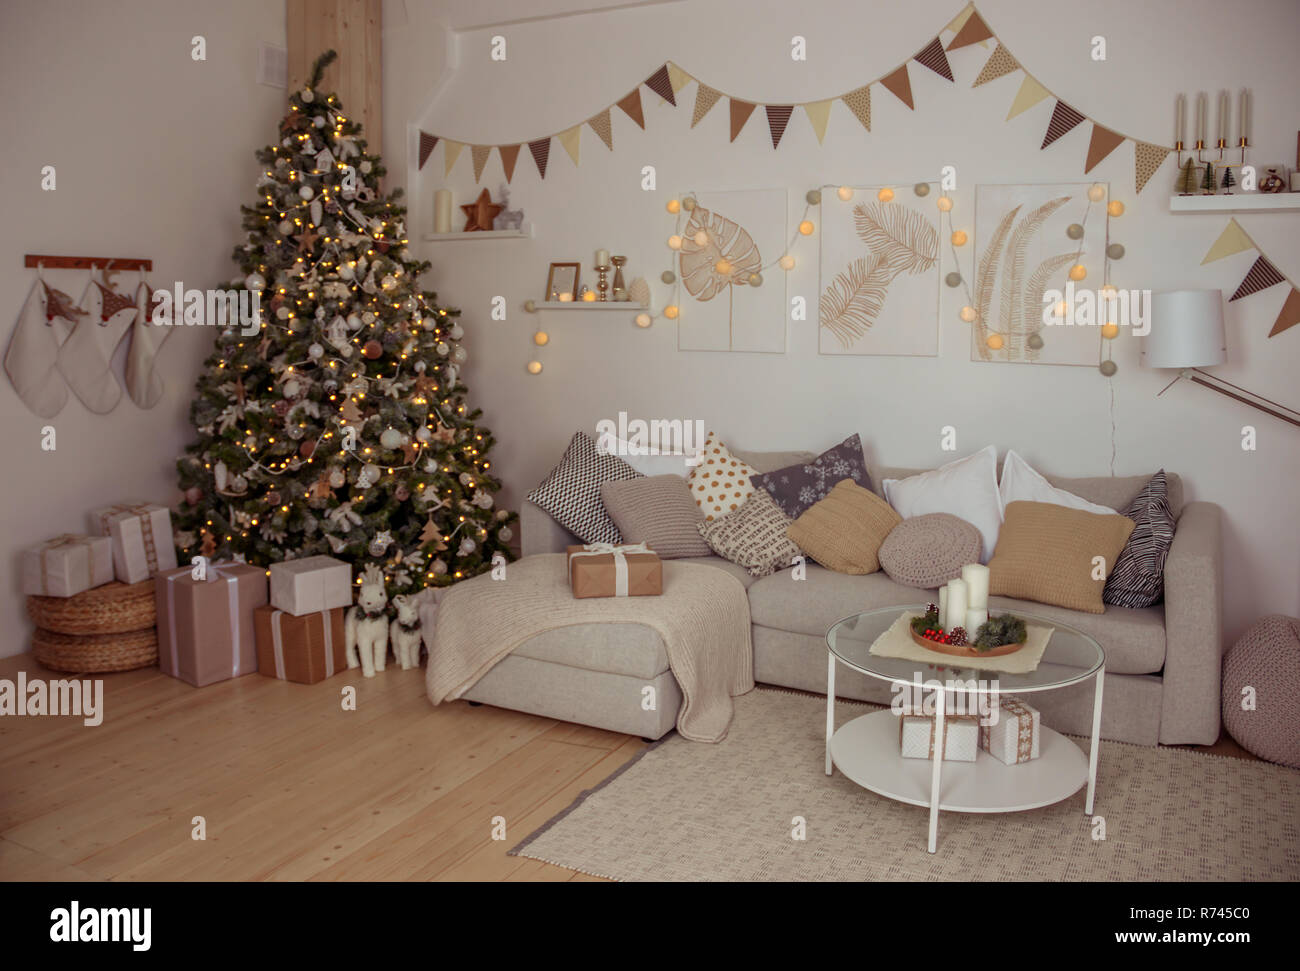 das neue jahr atmosphare im hellen wohnzimmer zimmer dekoration home festliche komfort frohe weihnachten